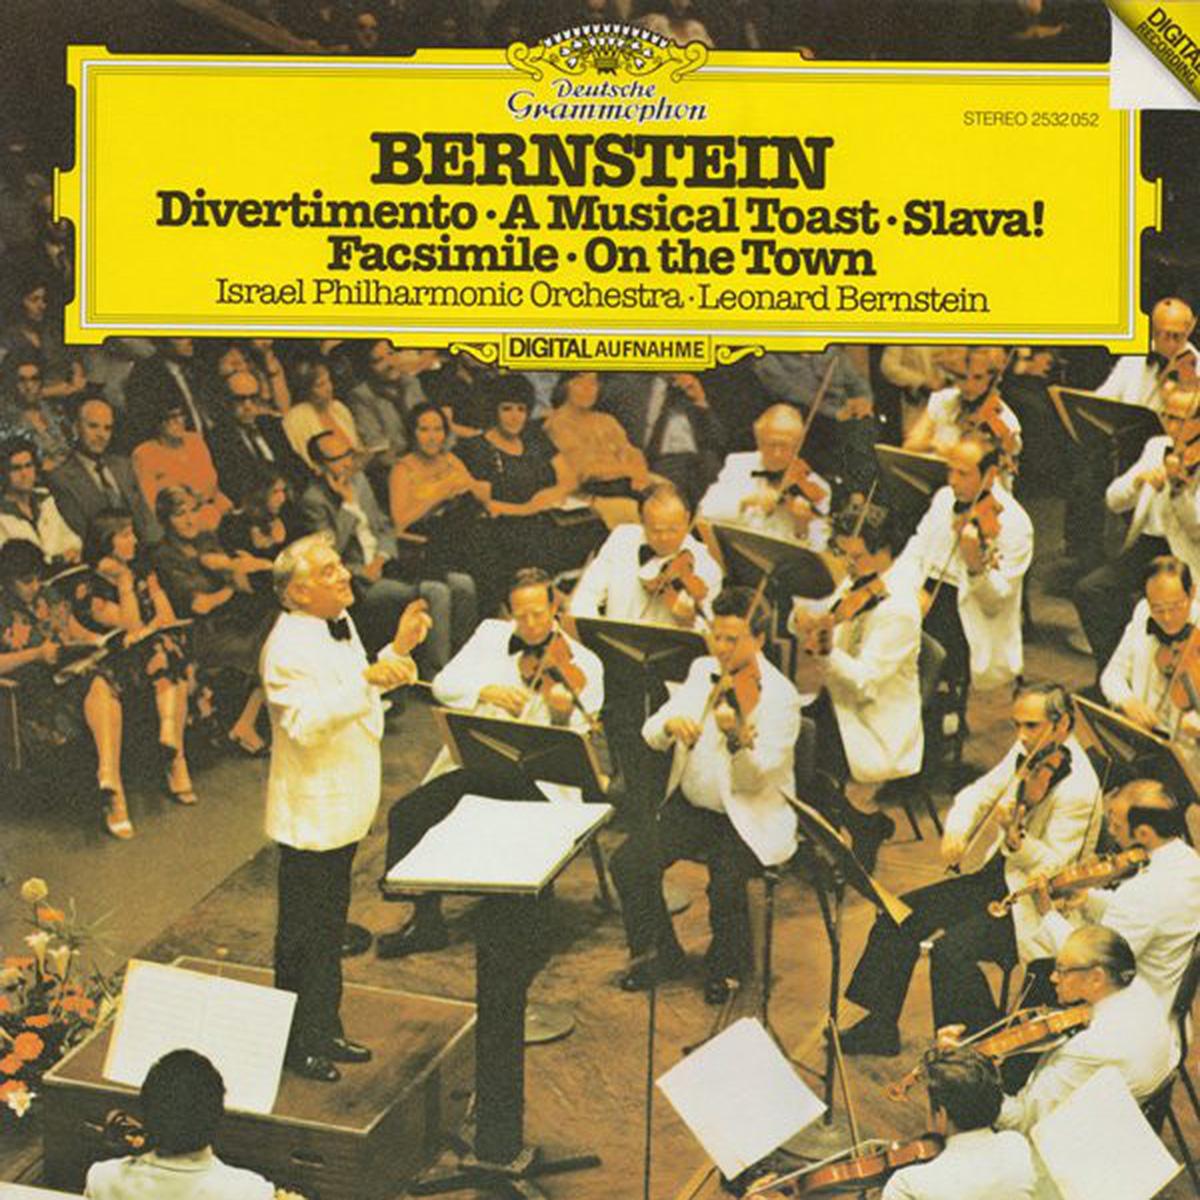 2532052 Bernstein Divertimento Bernstein